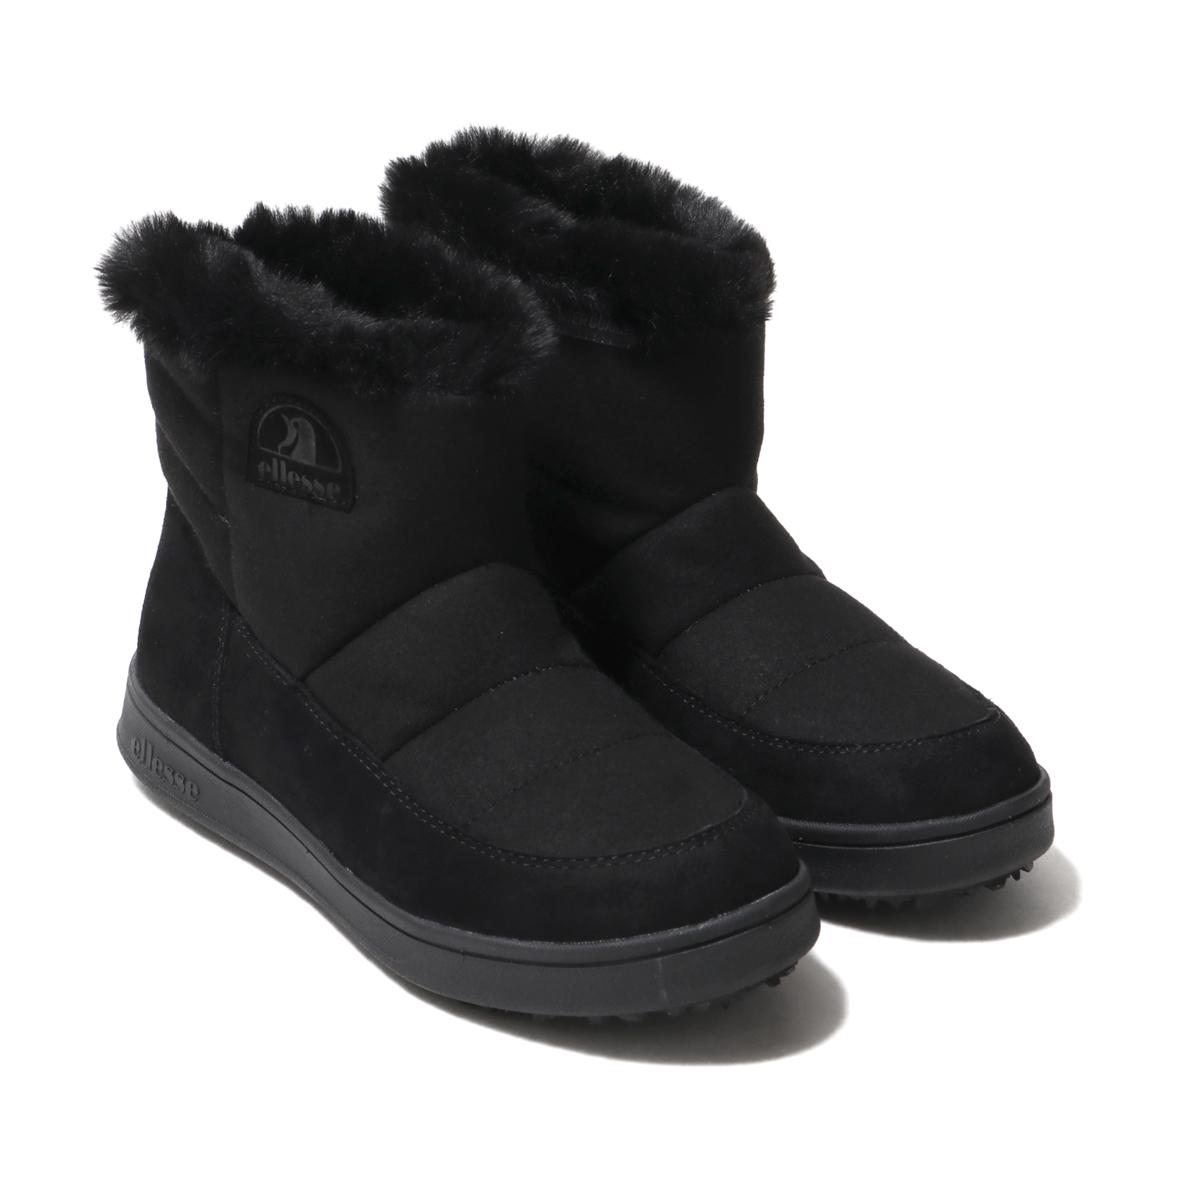 ellesse Heritage Ettore Winter Boots Mid SE (エレッセ エットレー WT ブーツ ミッド SE)BLACK【メンズ レディース ブーツ】18FW-I